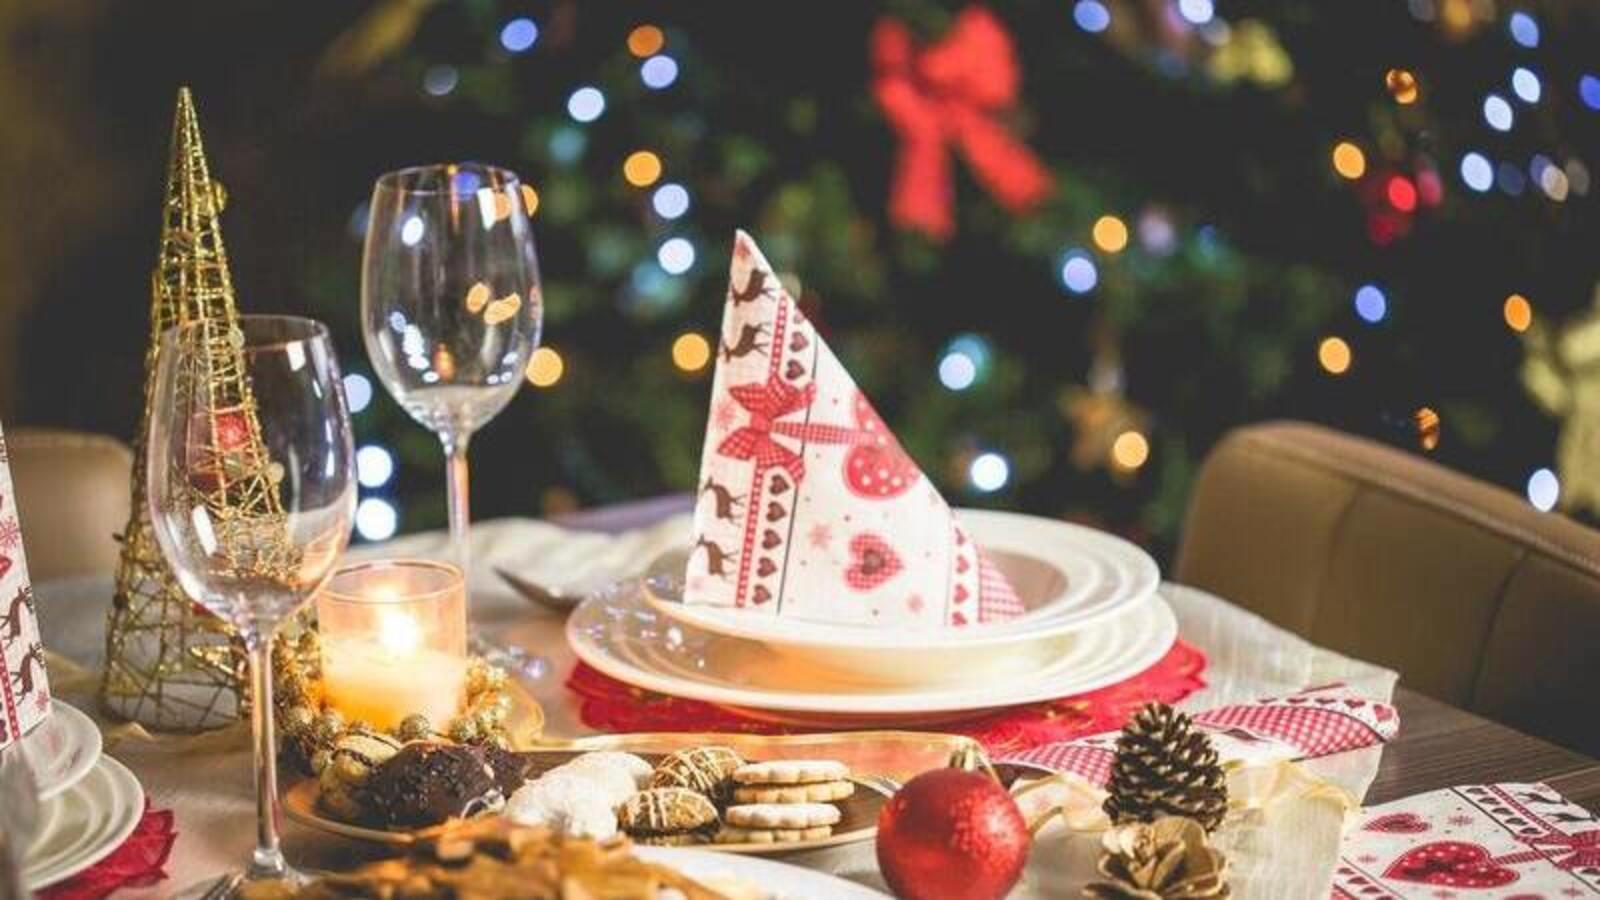 Farmhouse Christmas Decor - Featured 2